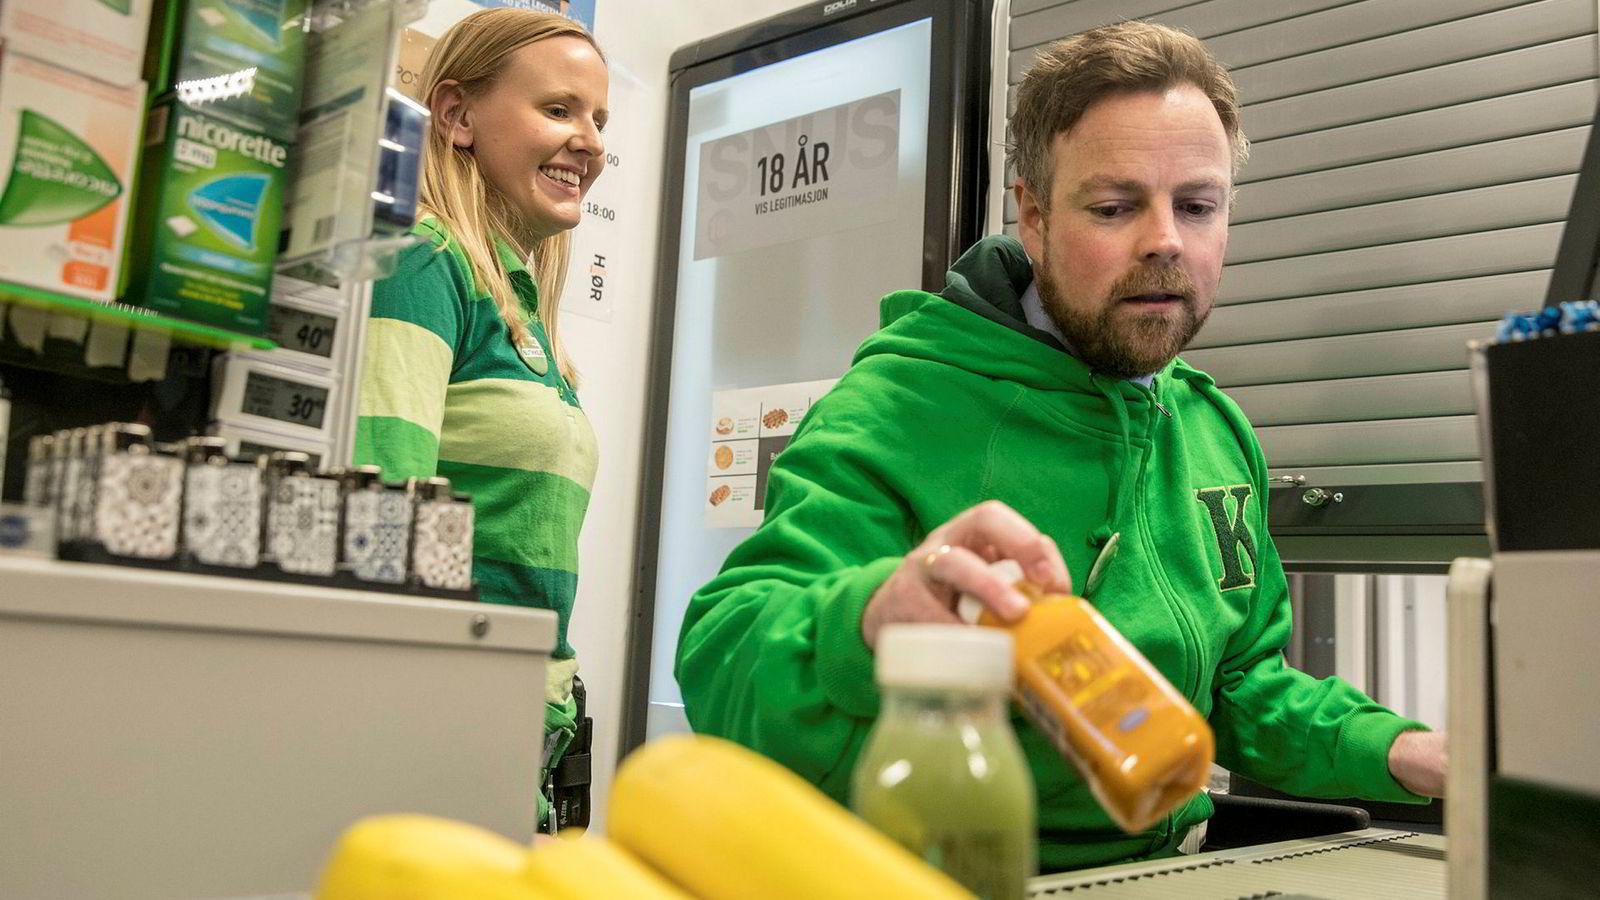 Næringsminister Torbjørn Røe Isaksen, her sammen med butikksjef Katrine Madsen i Kiwi i Hovinveien i Oslo der han presentere innholdet i en stortingsmelding om handelsnæringen.